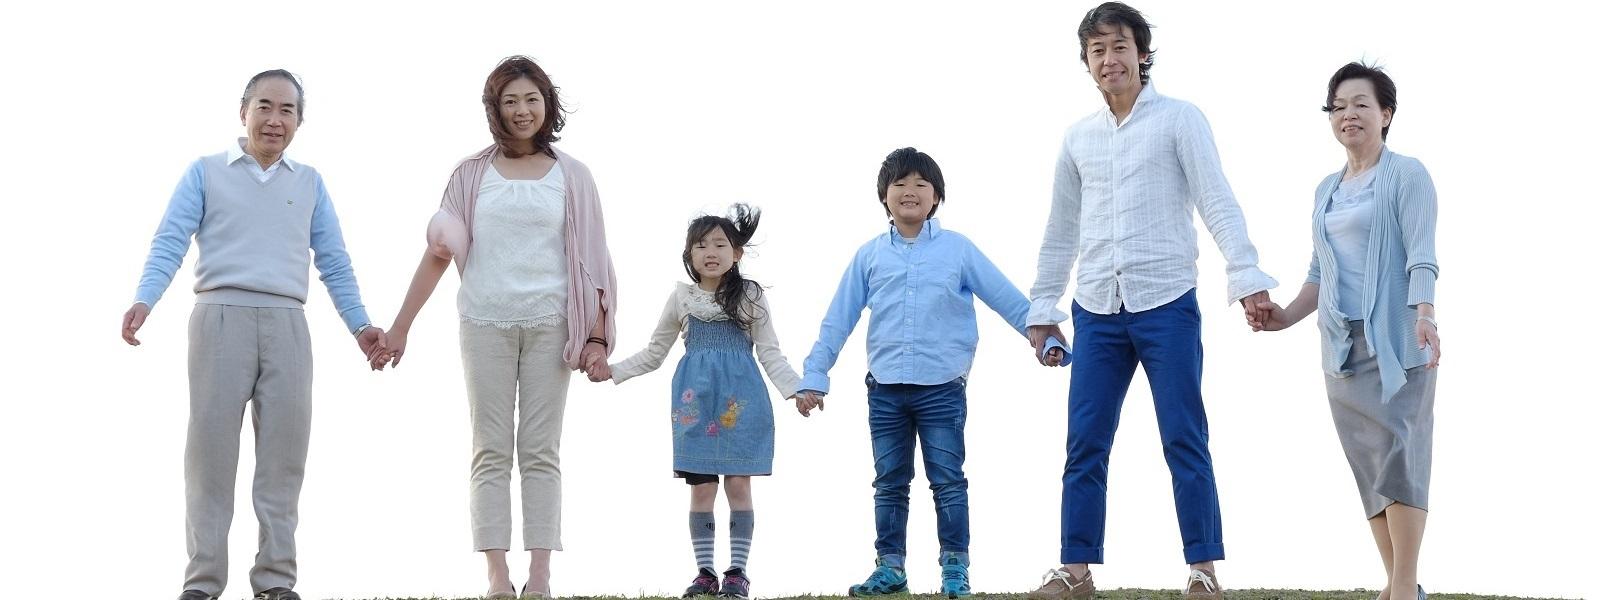 家族で健康、爽やかな着心地